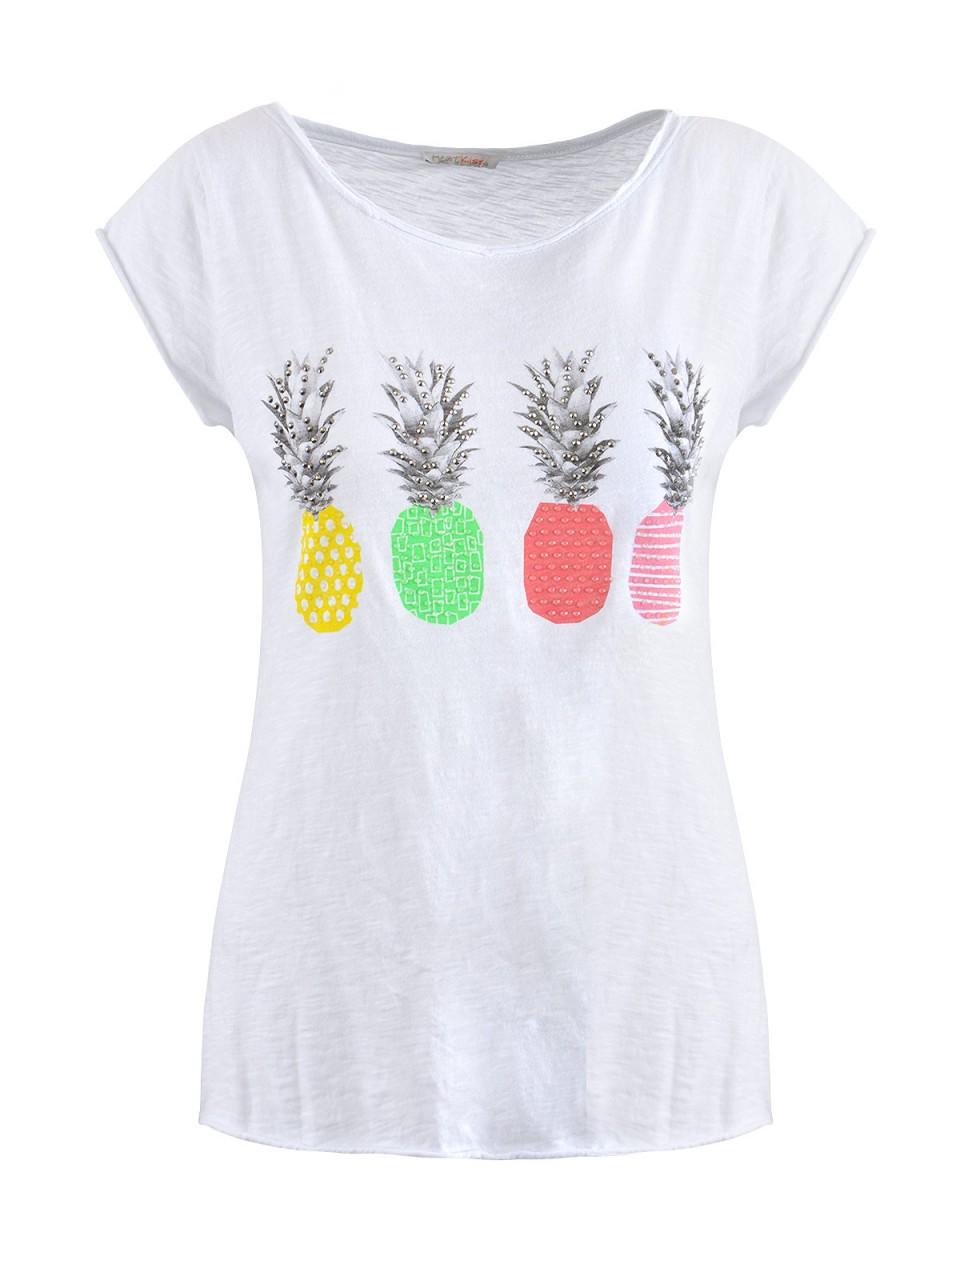 heartkiss-damen-t-shirt-wei-szlig-, 12.97 EUR @ designermode-com-mode